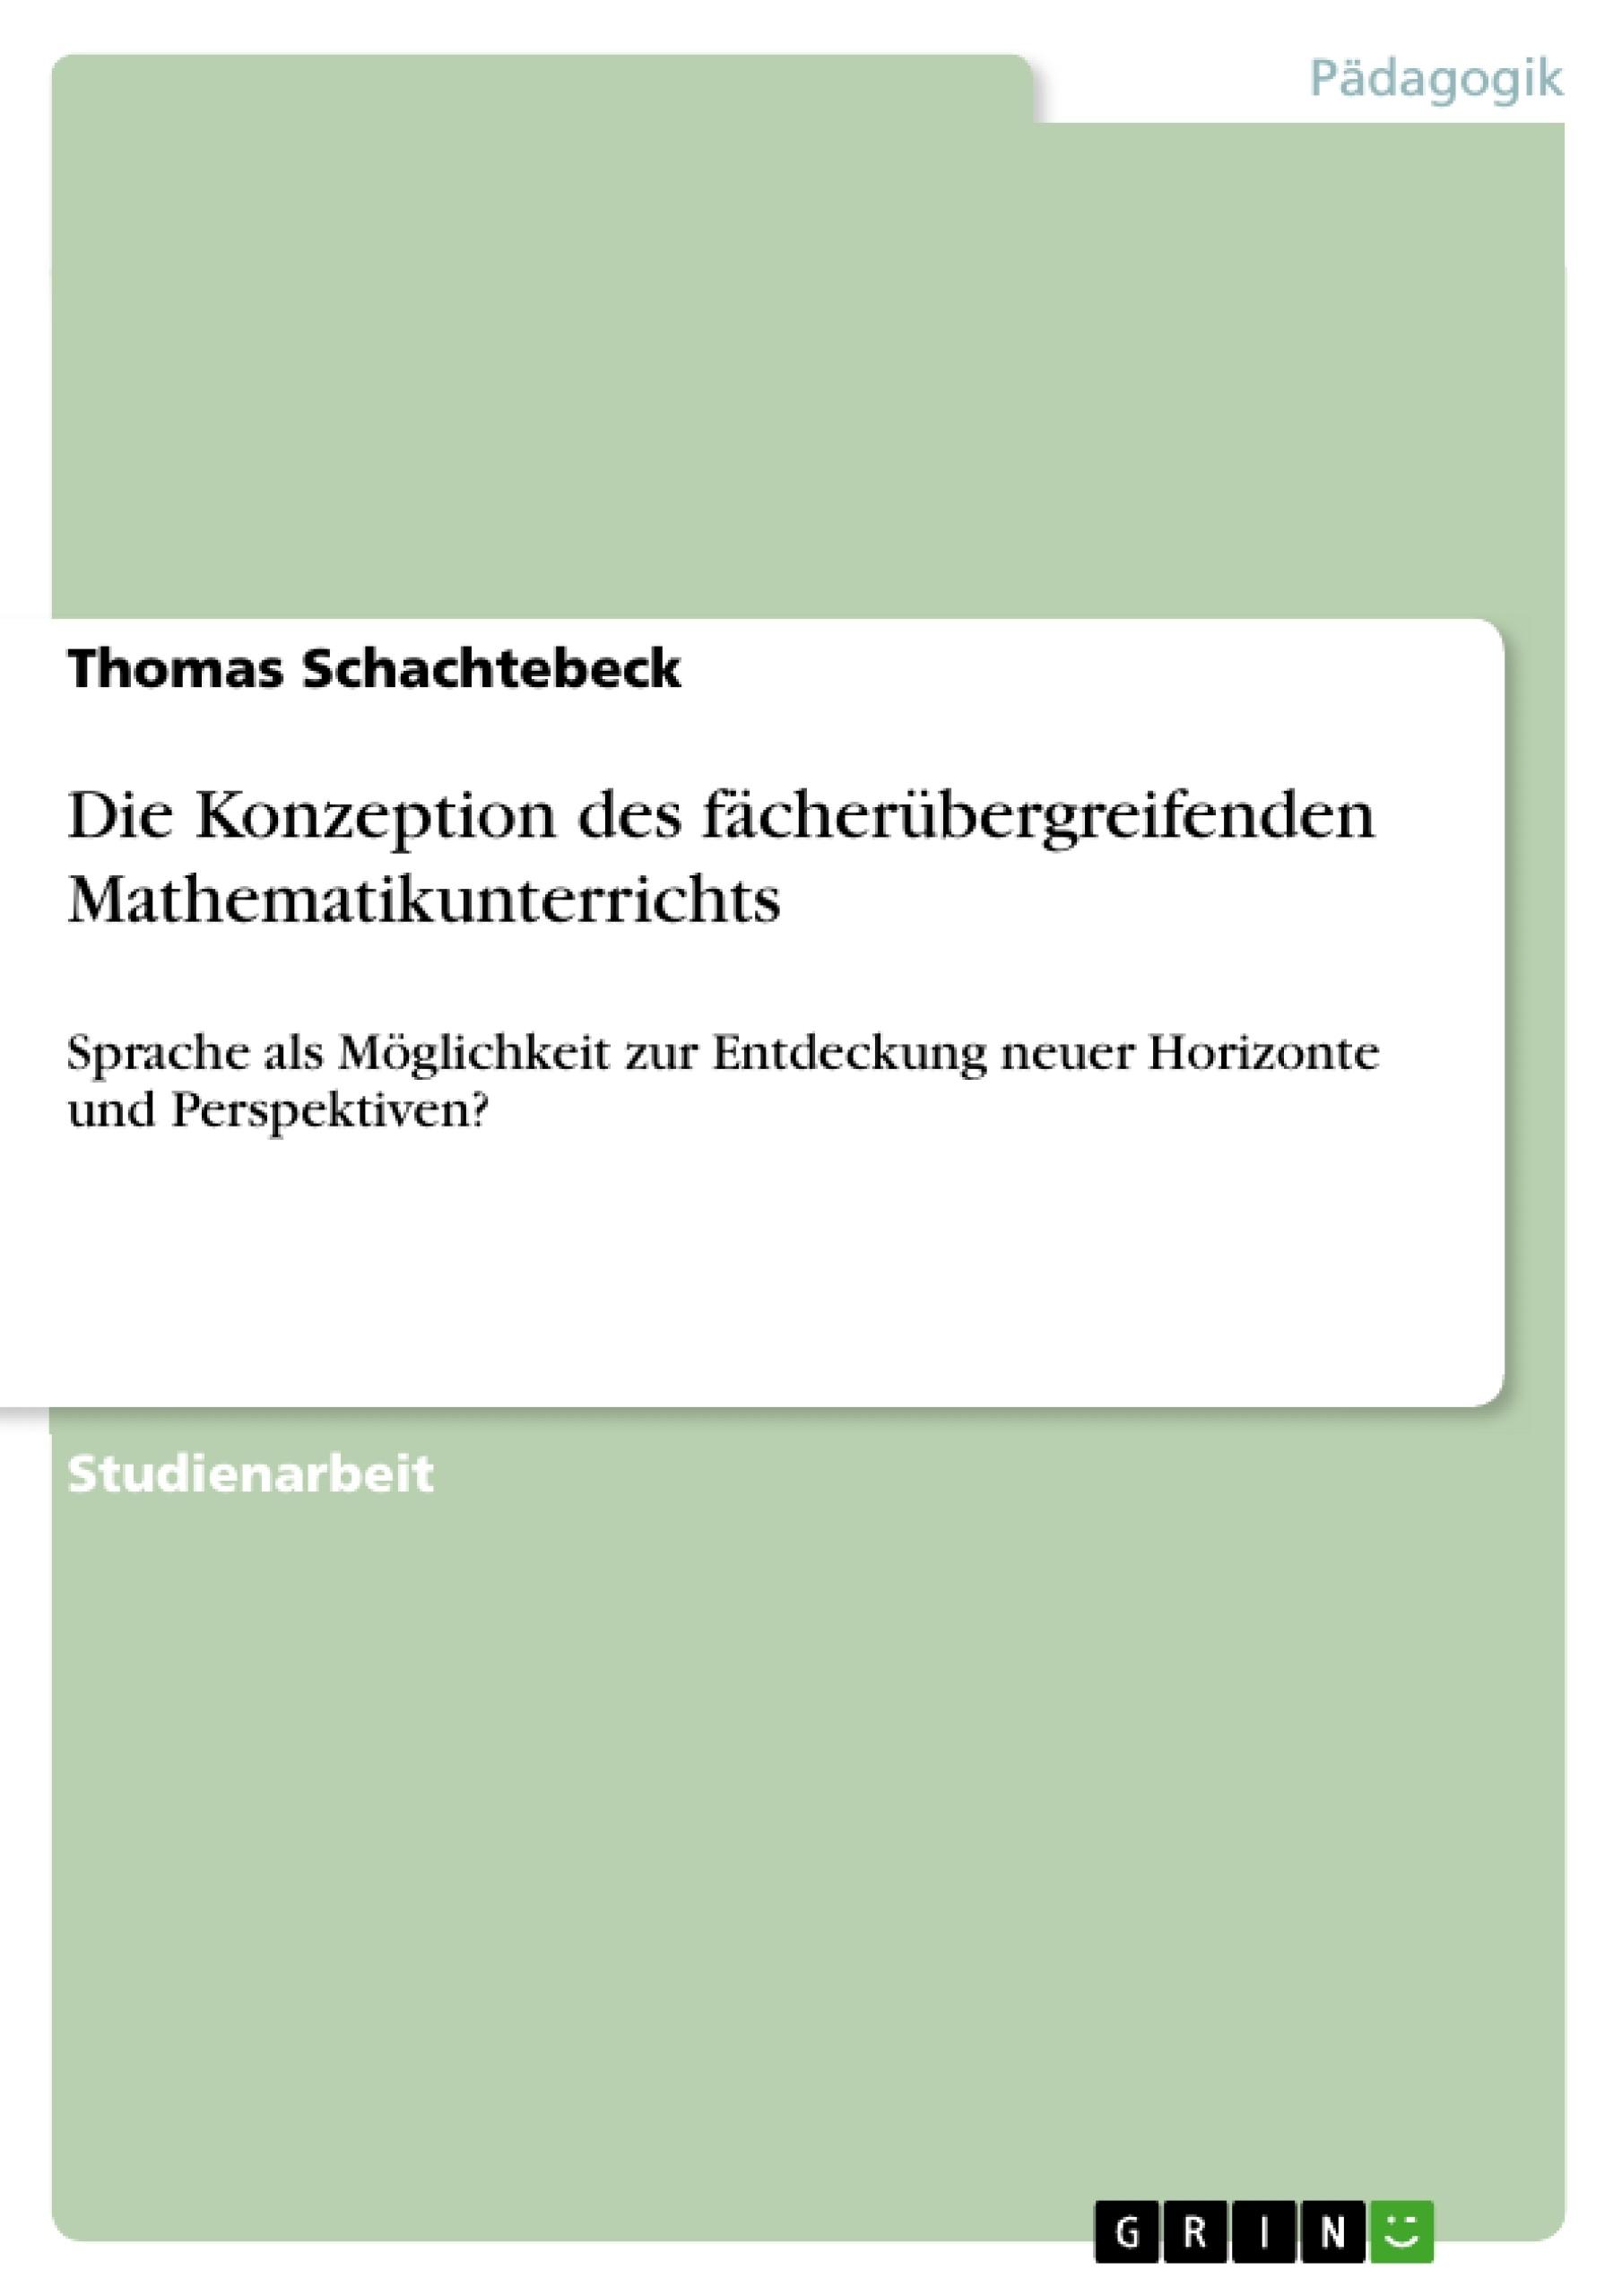 Titel: Die Konzeption des fächerübergreifenden Mathematikunterrichts